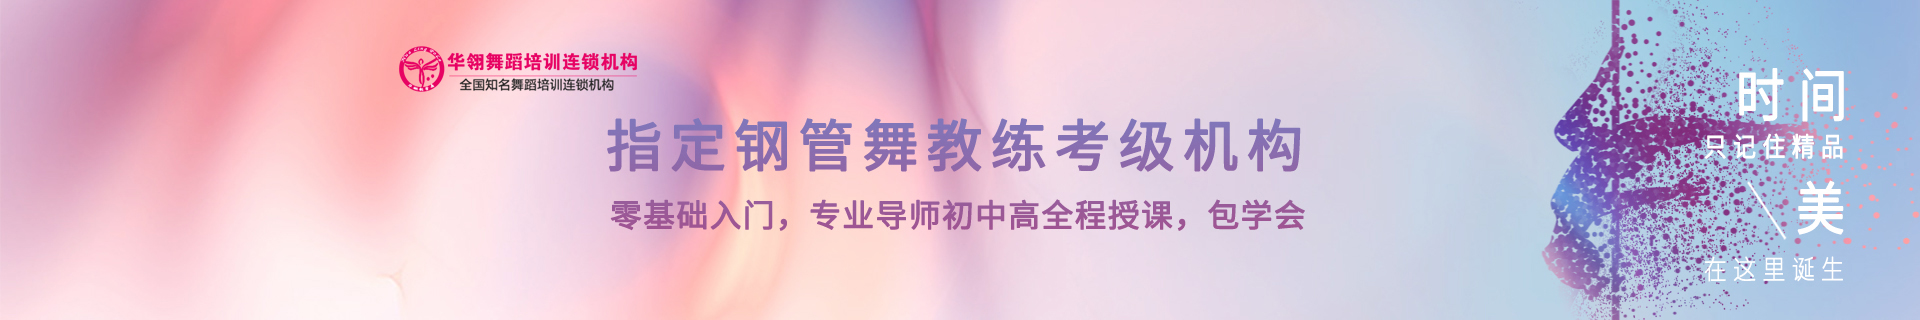 杭州萧山区金城路华翎舞蹈培训机构